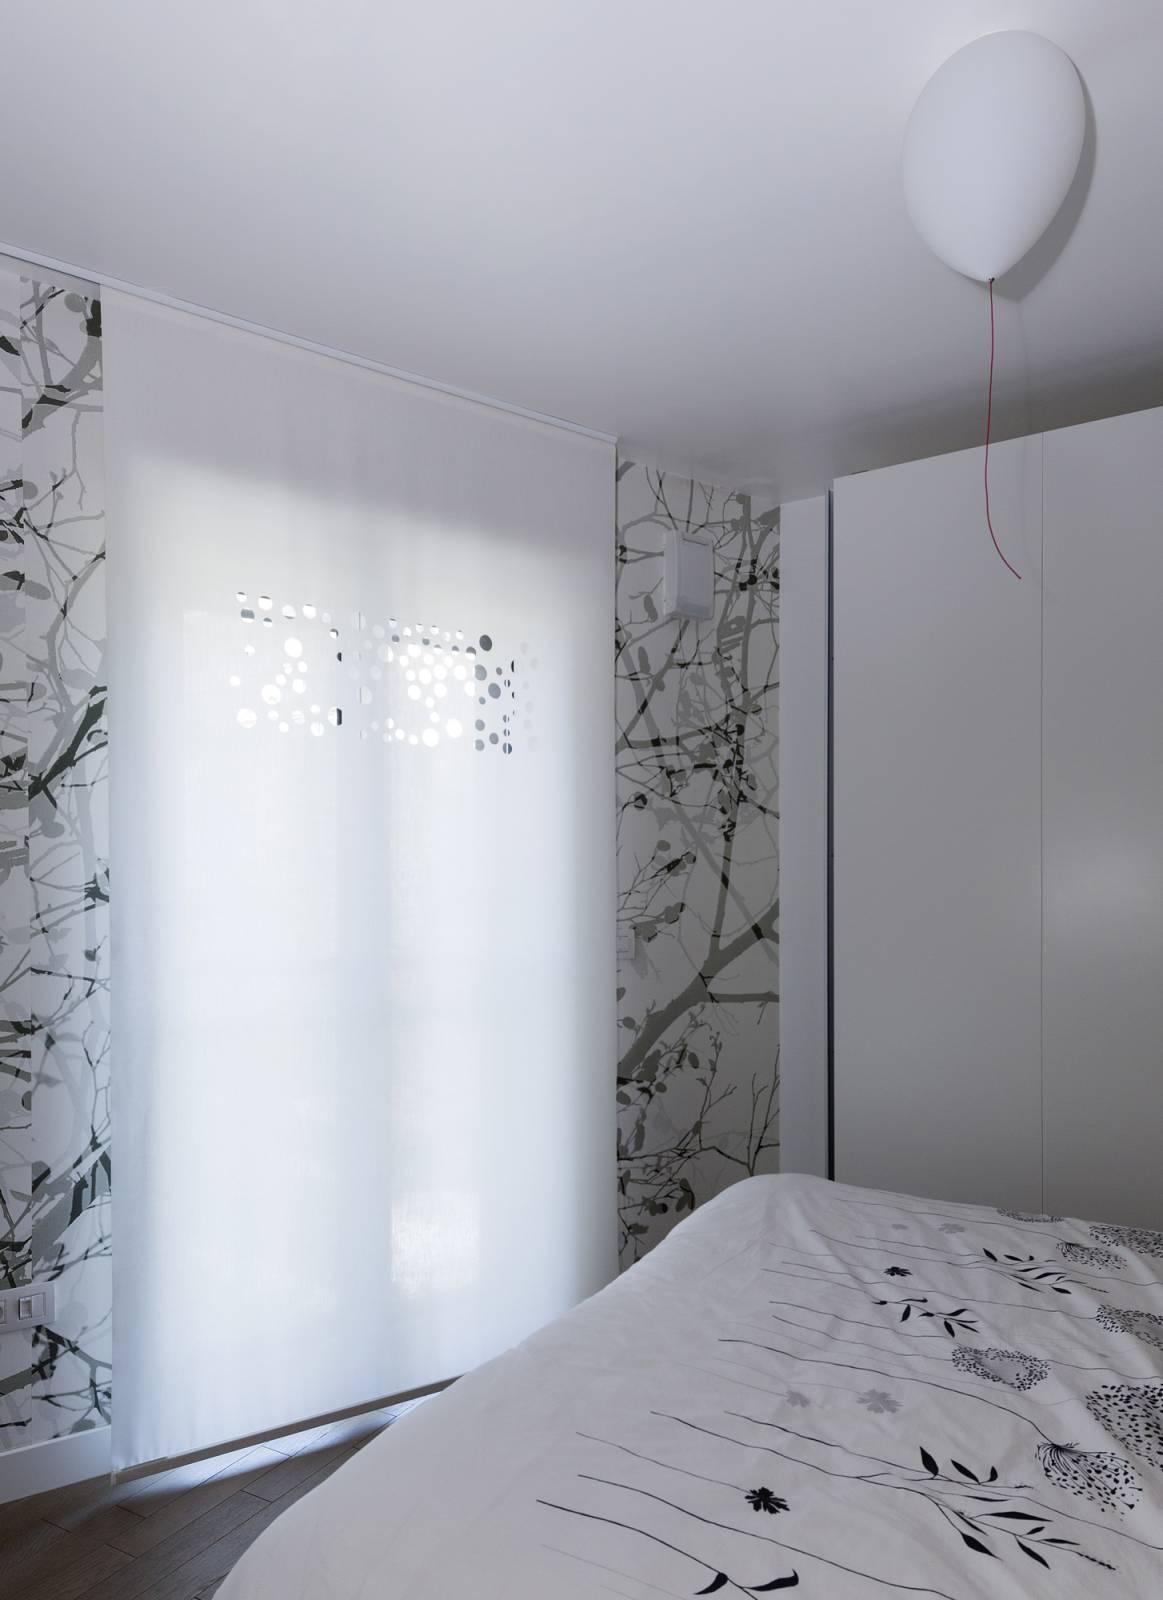 """Panneaux japonais translucides """"Bulles de savon"""" - exemple de réalisation 6"""